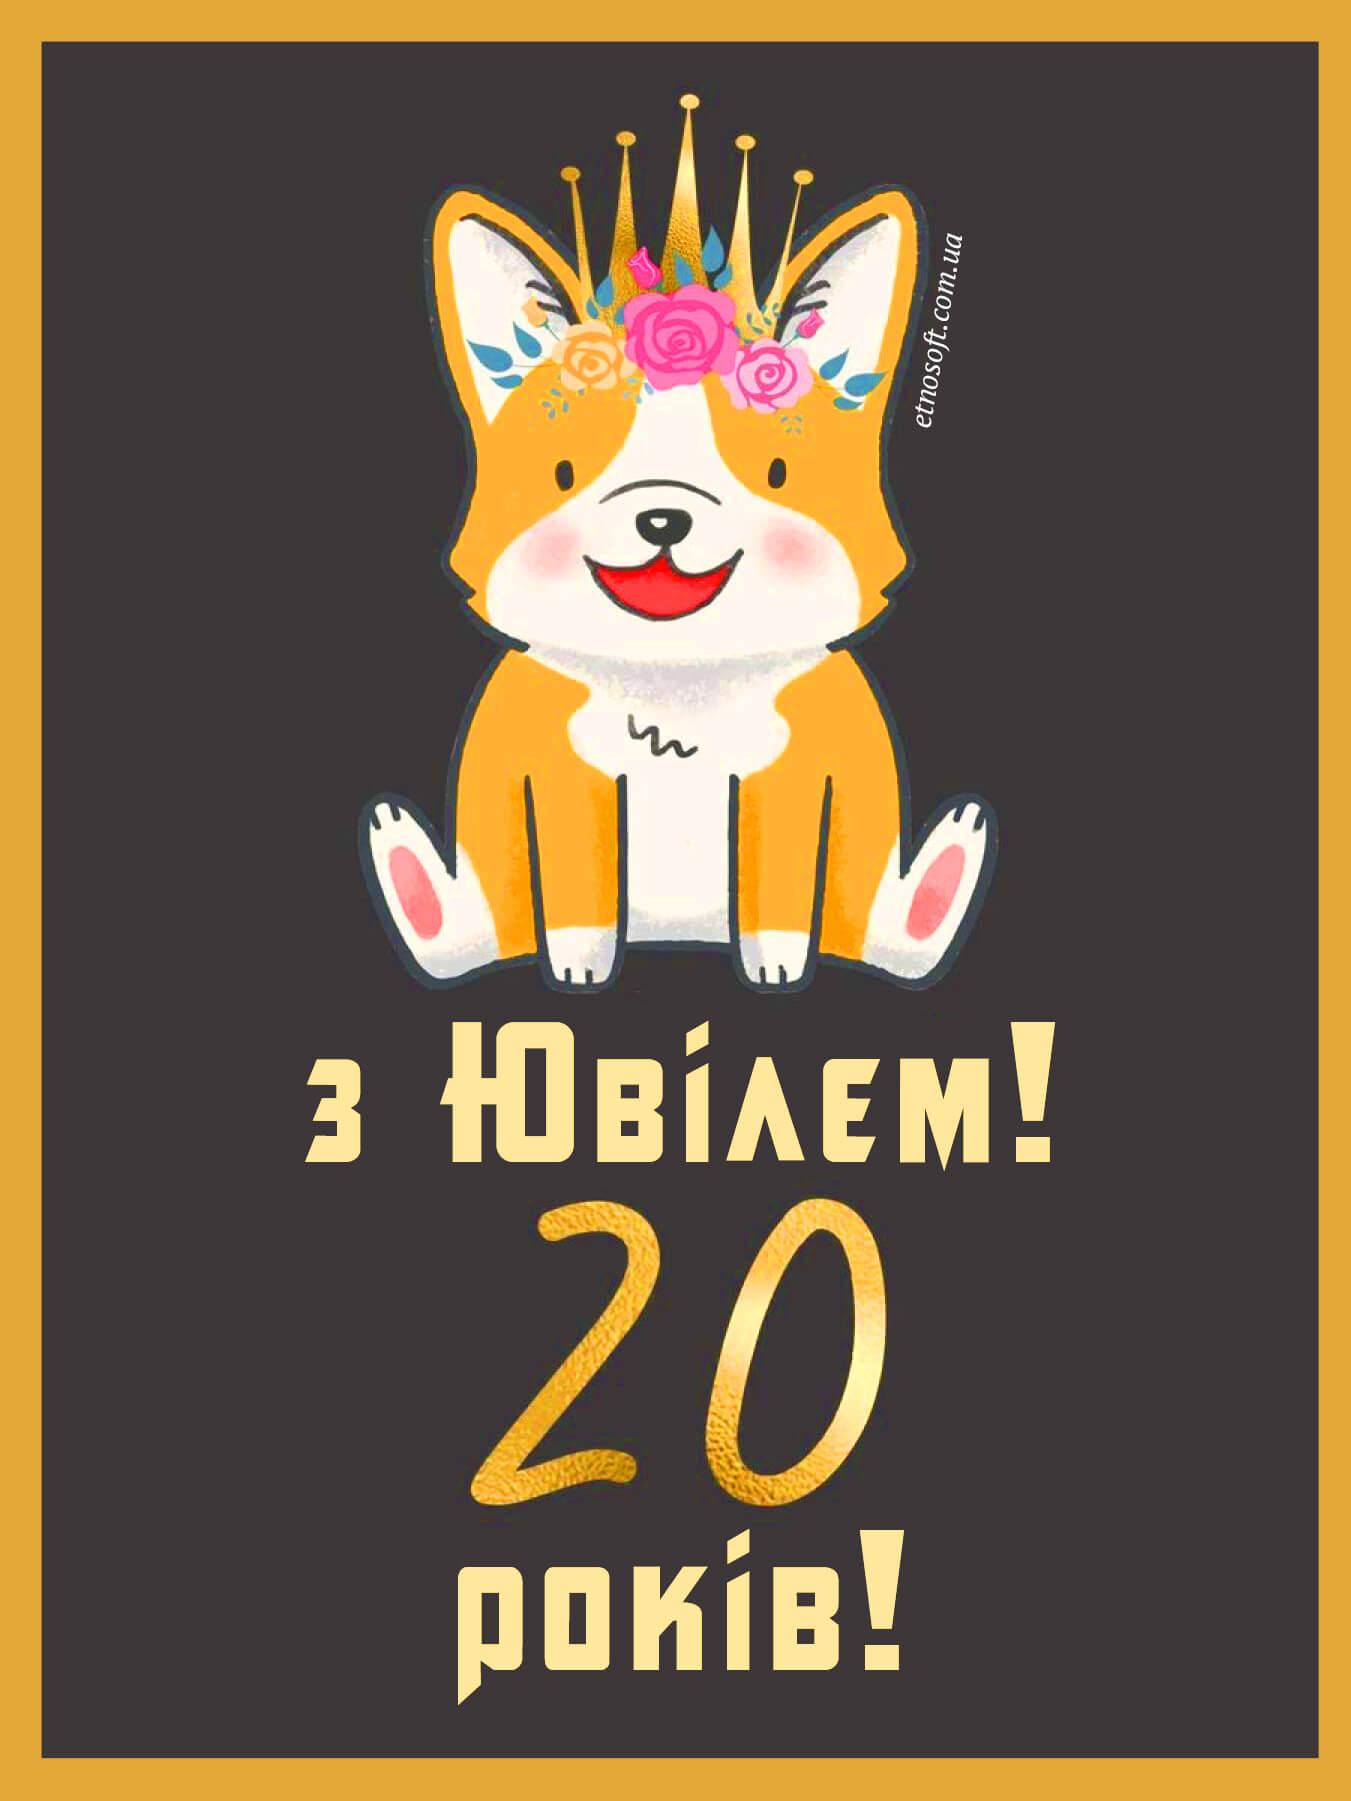 Прикольна картинка-привітання до Дня Народження на 20 років - веселе та цікаве привітання хлопцю чи дівчині з Ювілеєм на 20 річчя